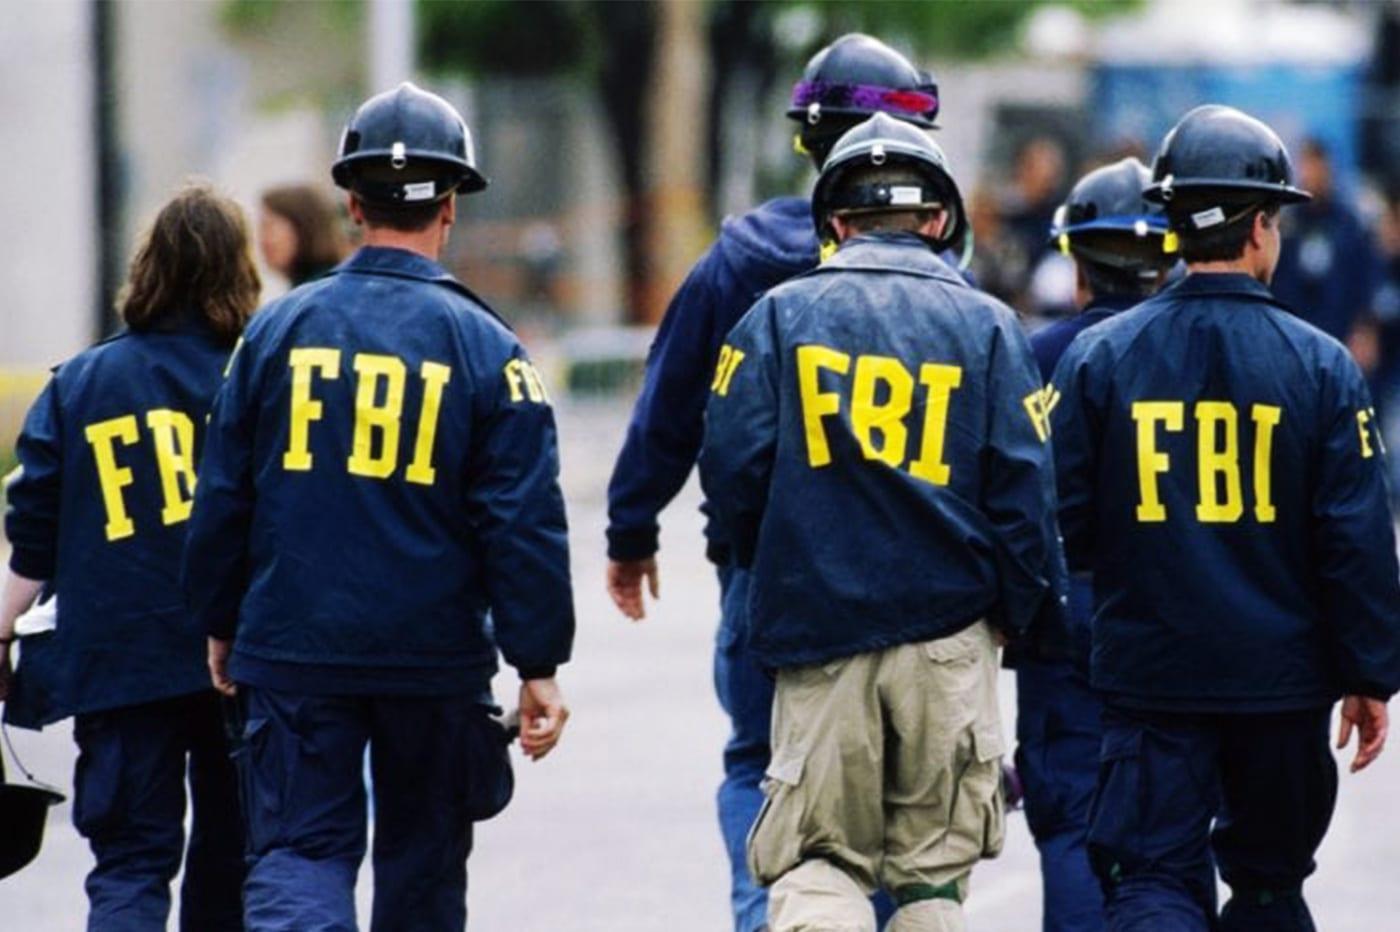 LE FBI ÉPINGLE UN ARNAQUEUR QUI AURAIT ESCROQUÉ SES VICTIMES DE PLUSIEURS MILLIONS DE DOLLARS